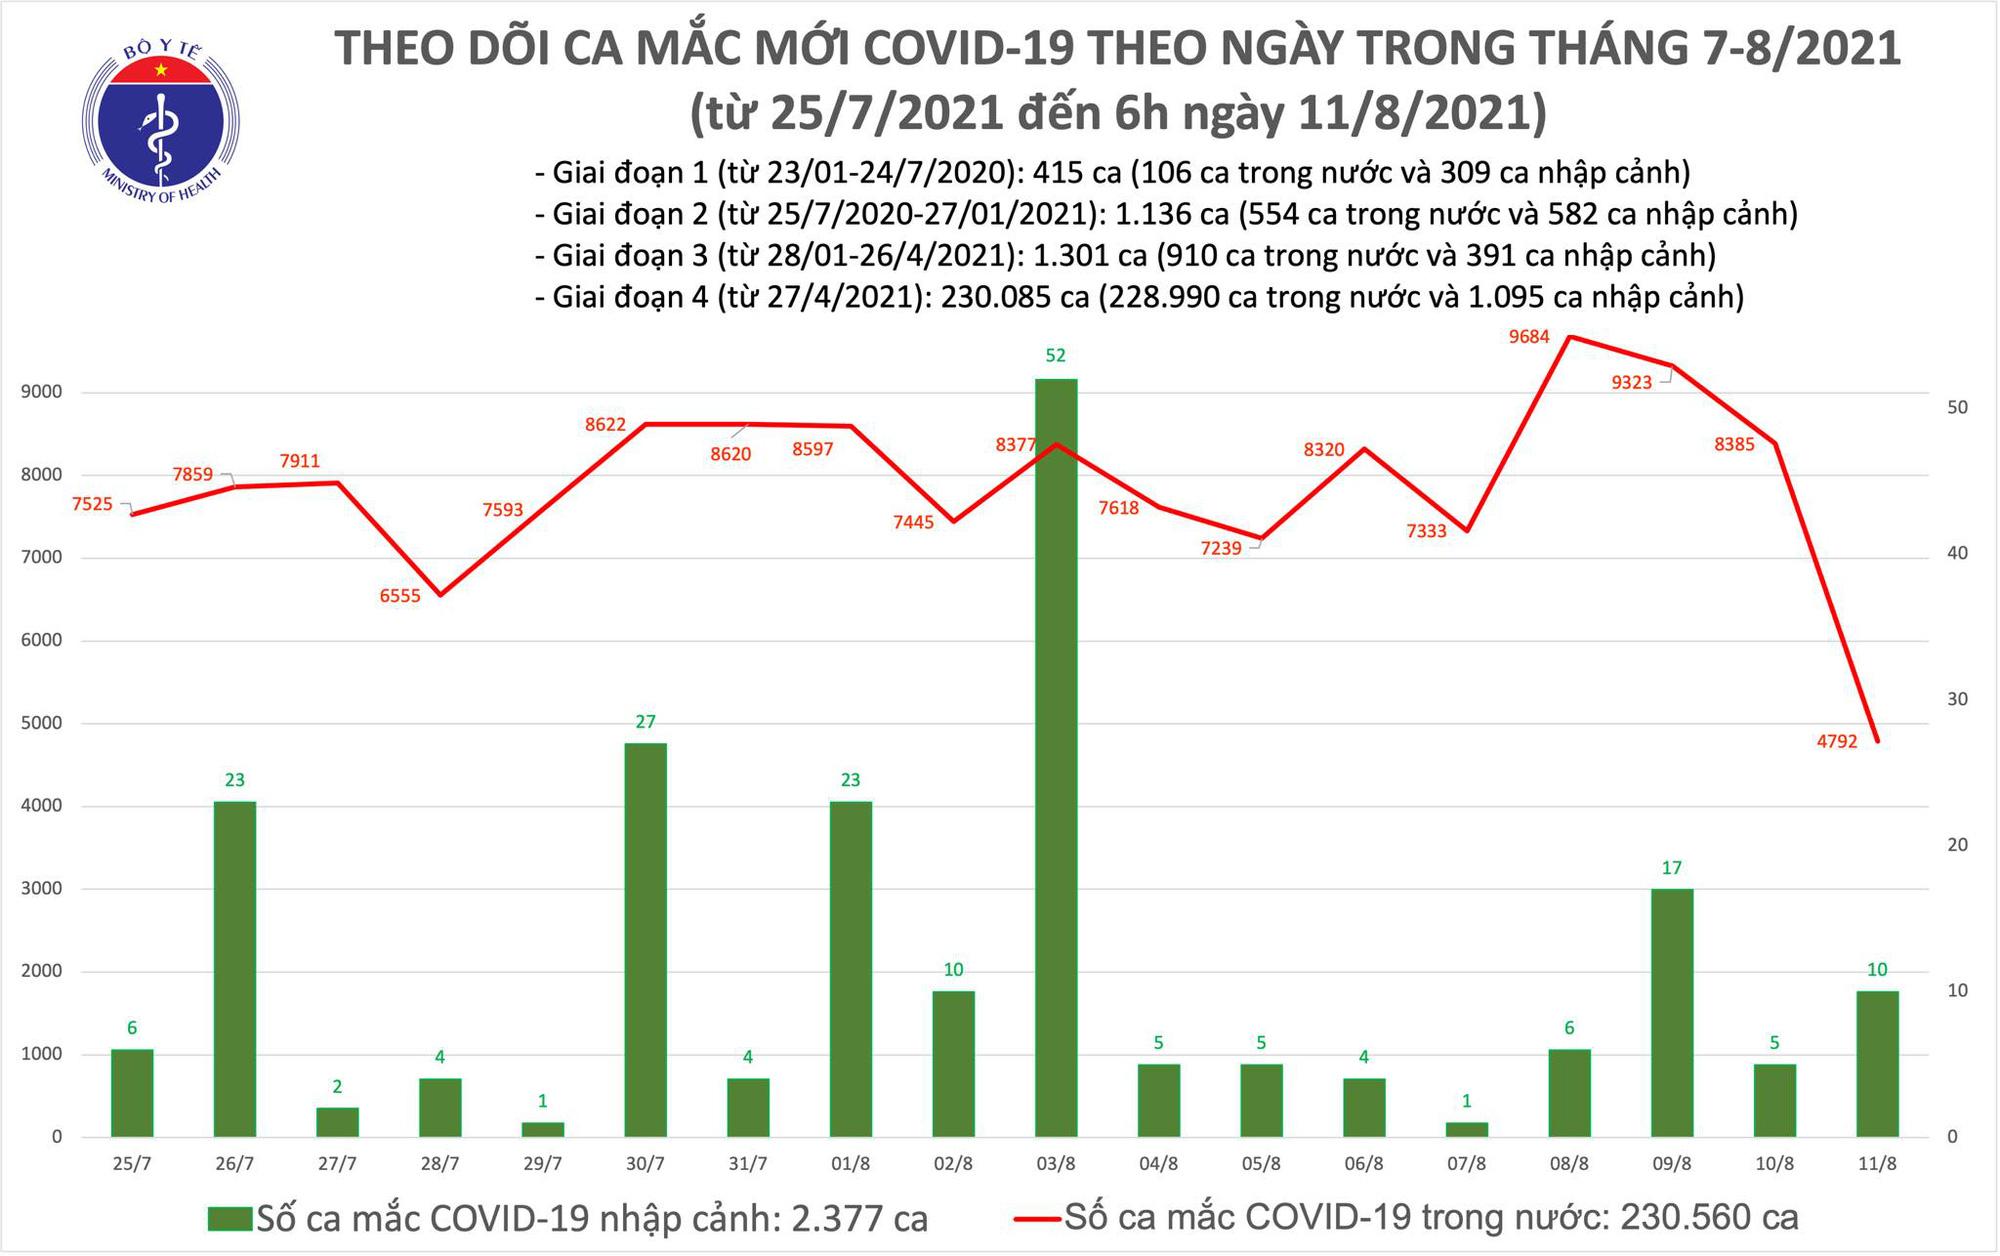 Sáng 11/8: Thêm 4.892 ca mắc COVID-19; kỷ lục tiêm hơn 1,4 triệu liều vaccine trong 1 ngày - Ảnh 1.